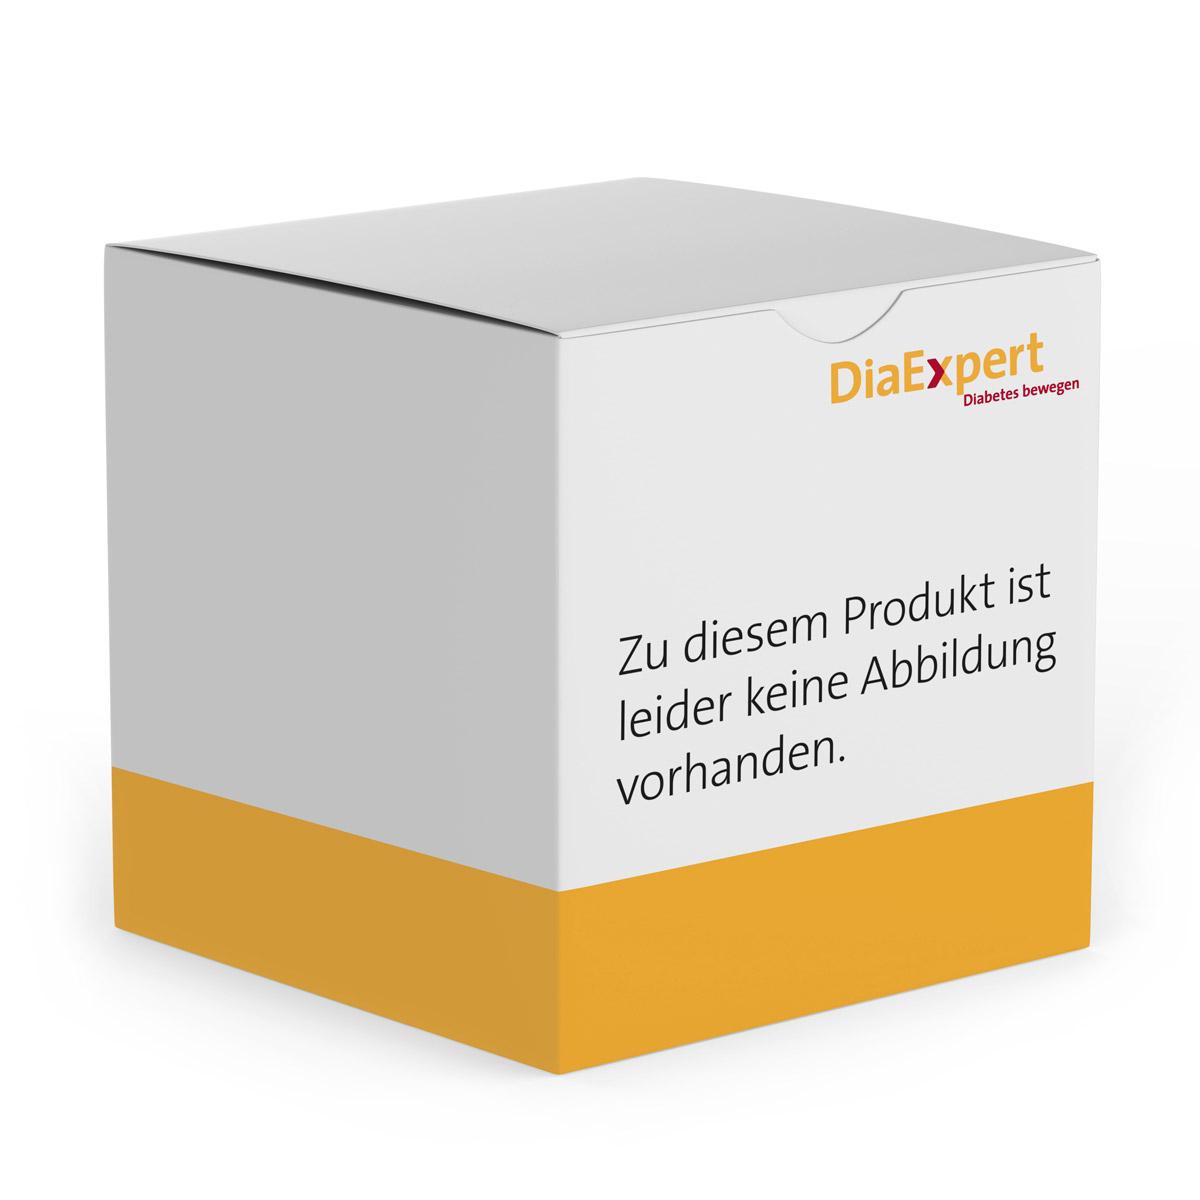 Frio-Kühltasche für Insulinpumpen 9 x 11 cm weinrot